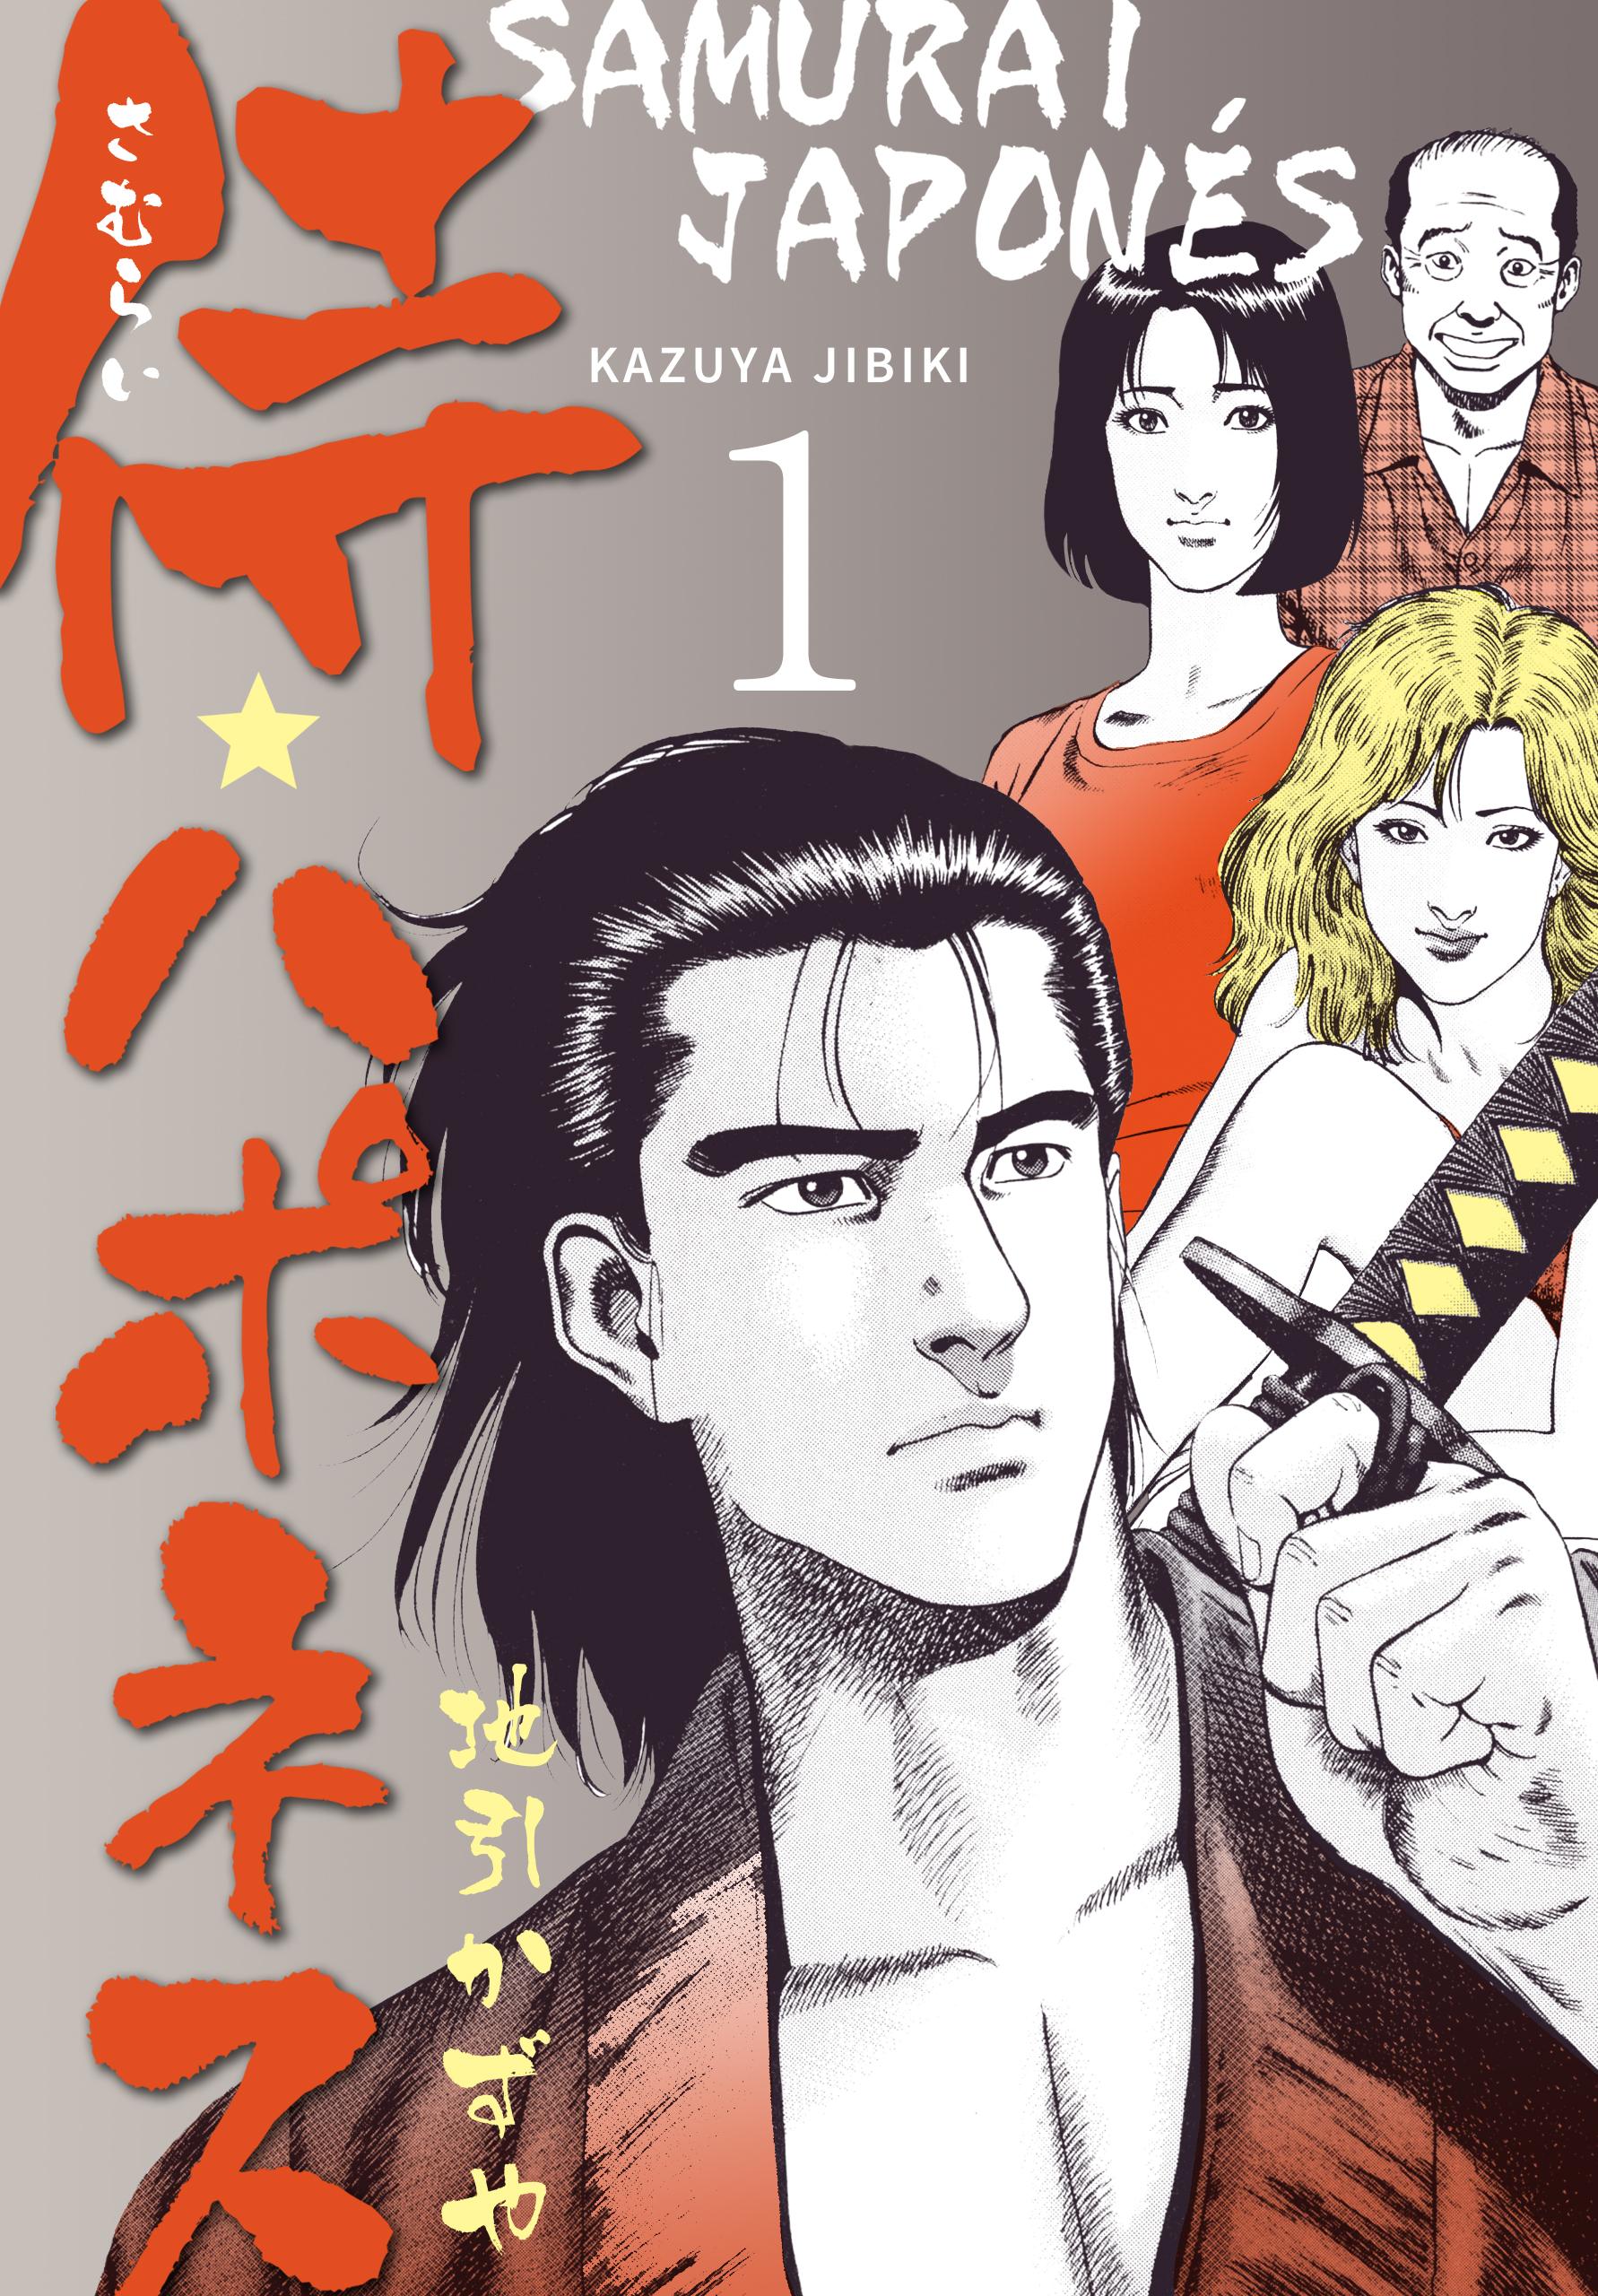 侍★ハポネス(第1巻)